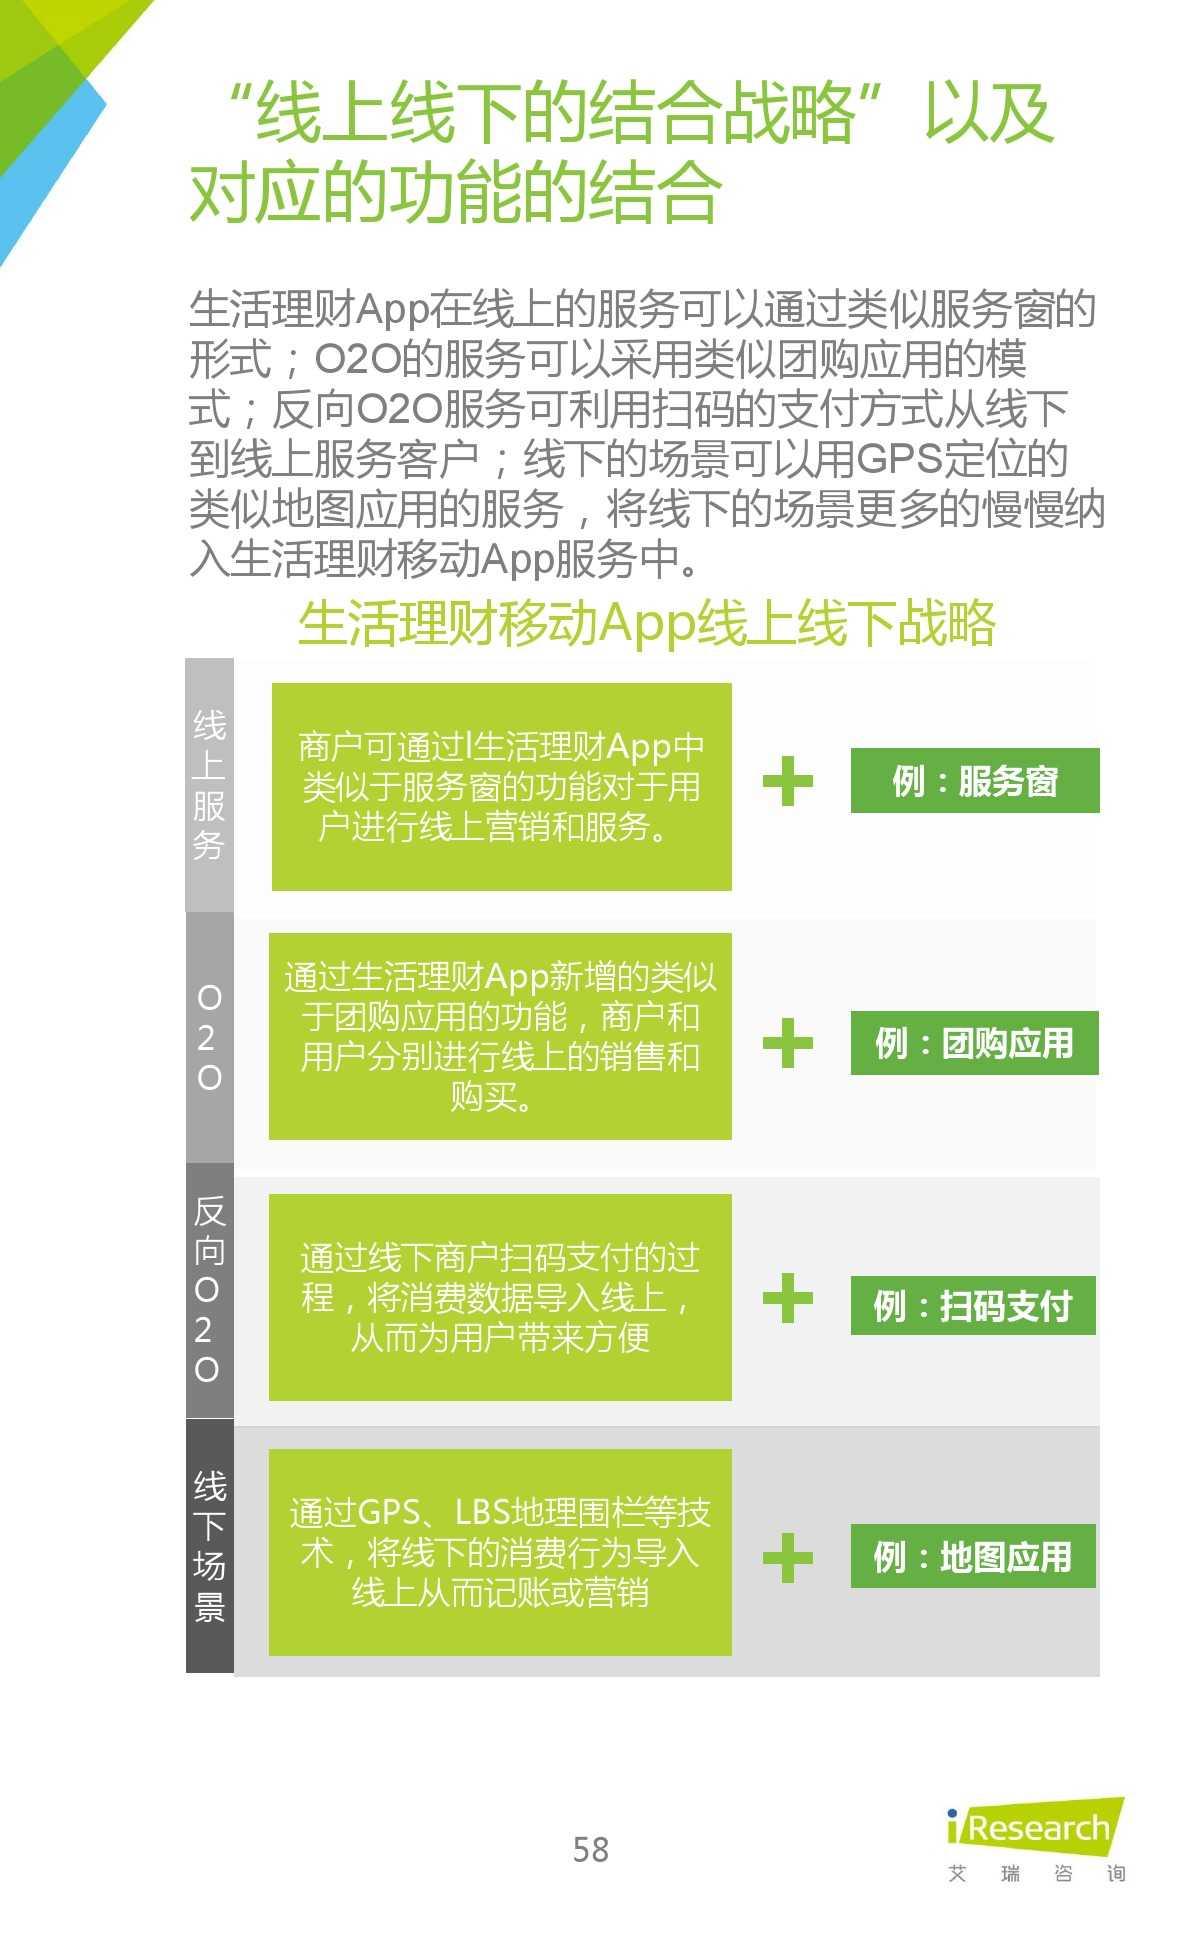 2015年中国生活理财移动App行业研究报告_000058